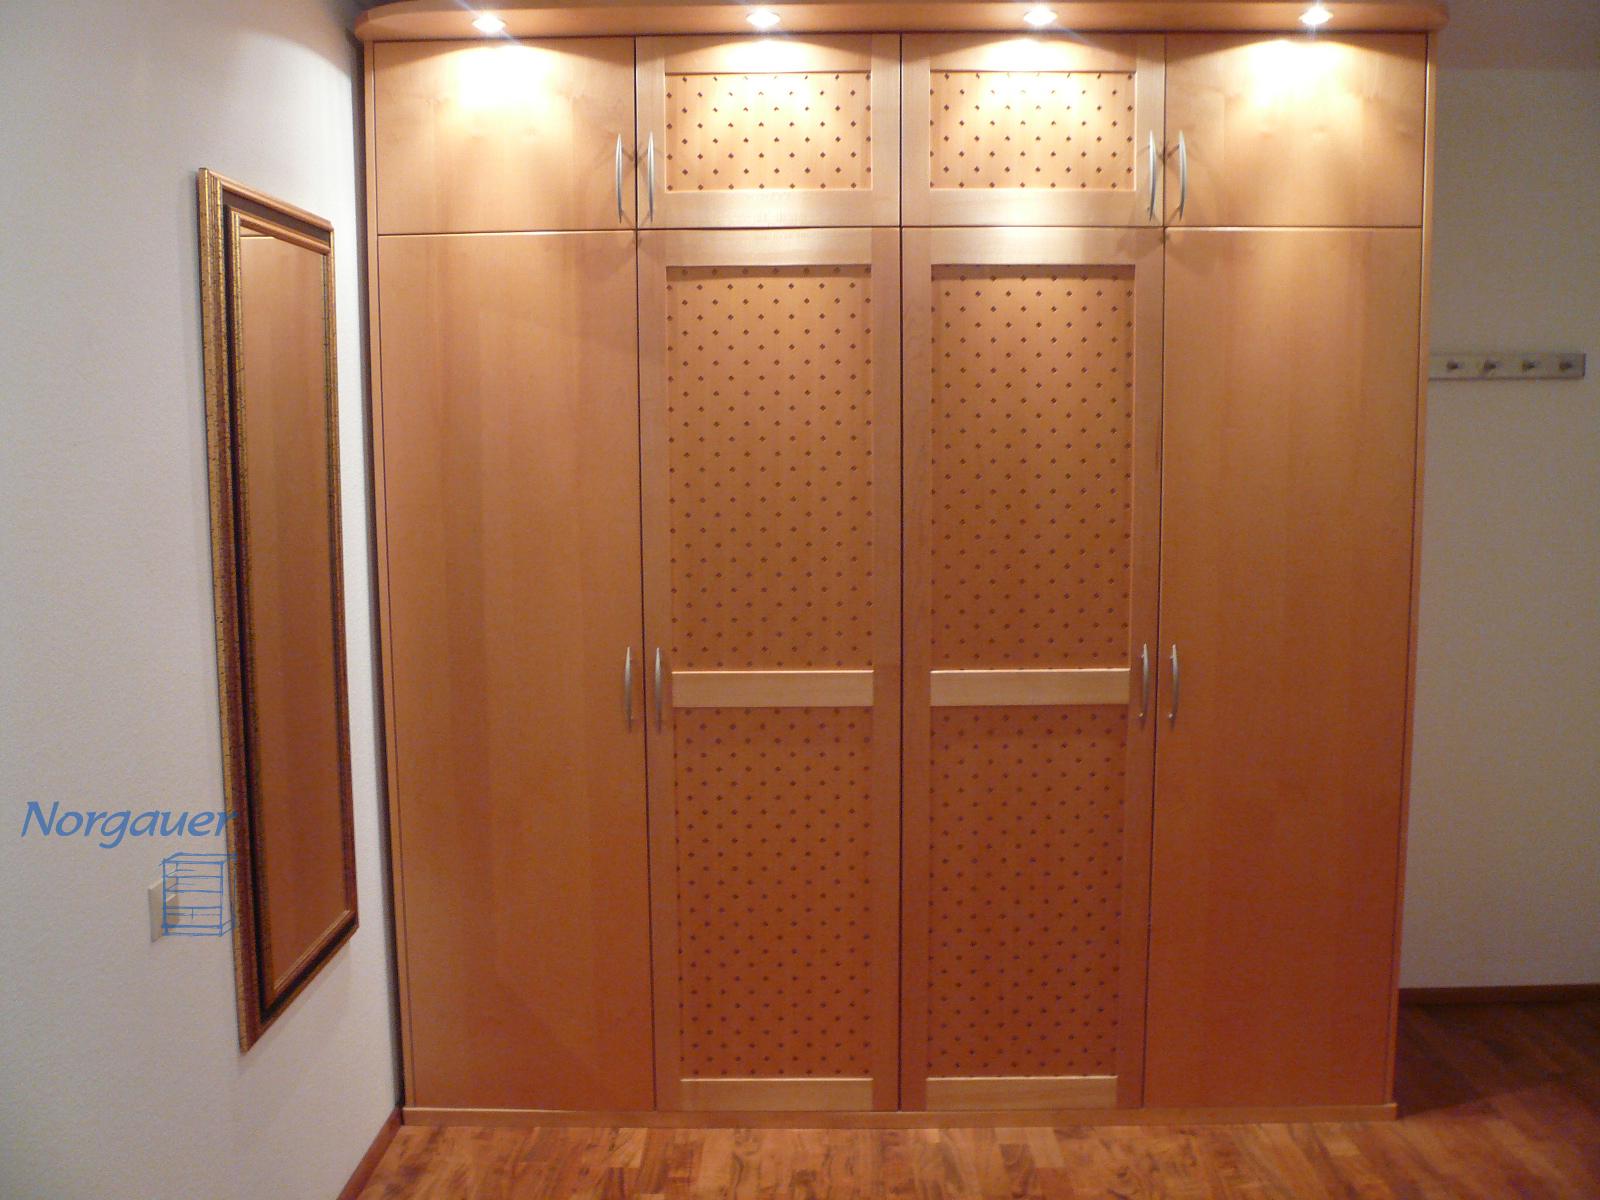 holzwerkstatt norgauer m bel tischschreinerei konstanz. Black Bedroom Furniture Sets. Home Design Ideas